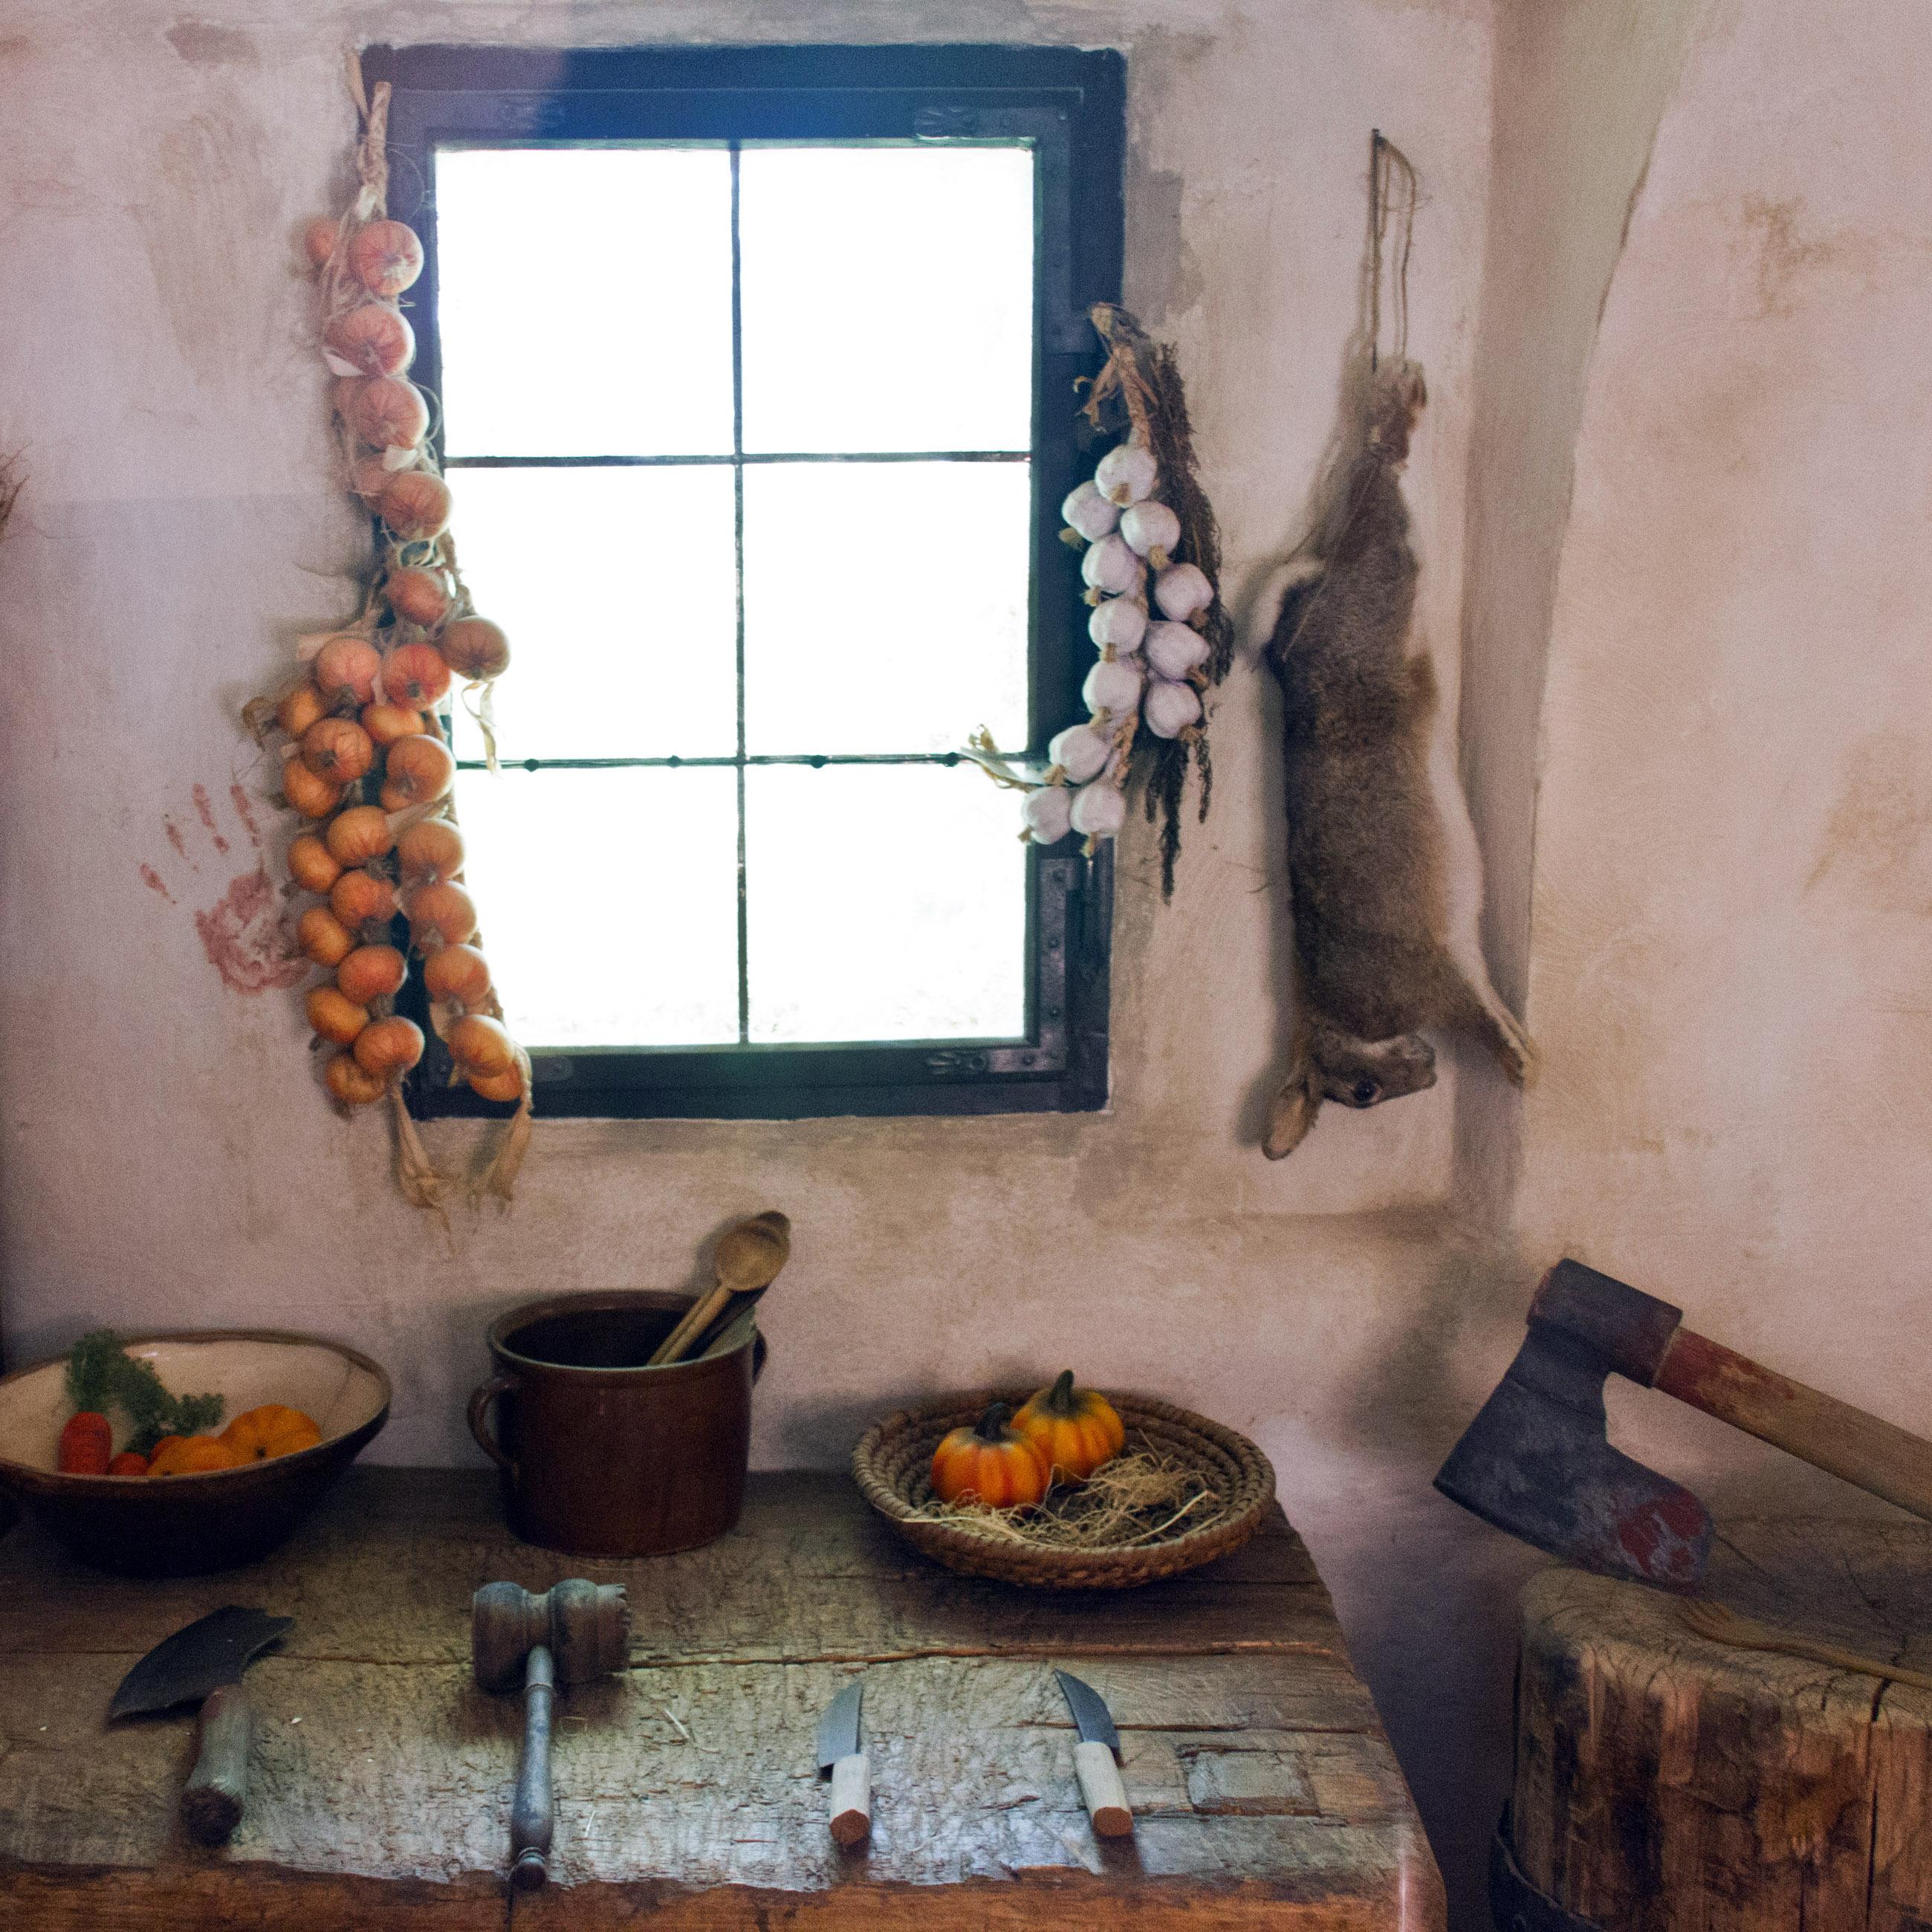 Kitchen still life photo